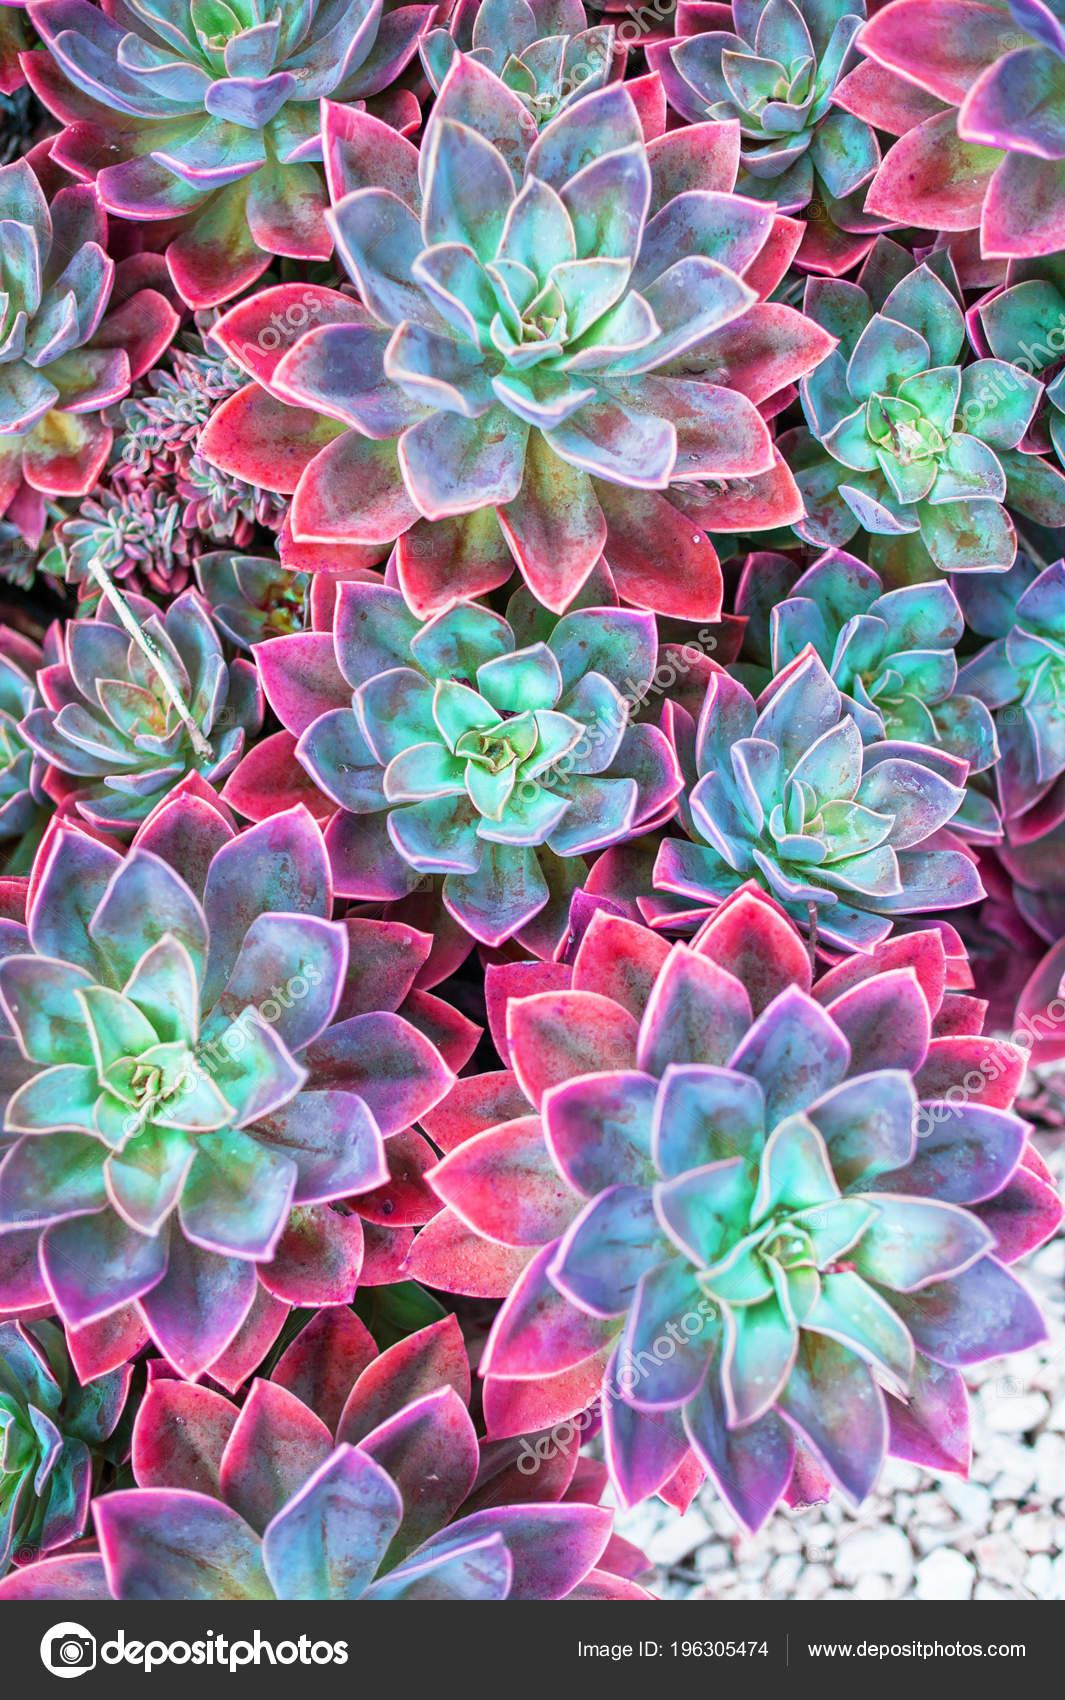 Images Echeveria Plants Succulent Plants Top View